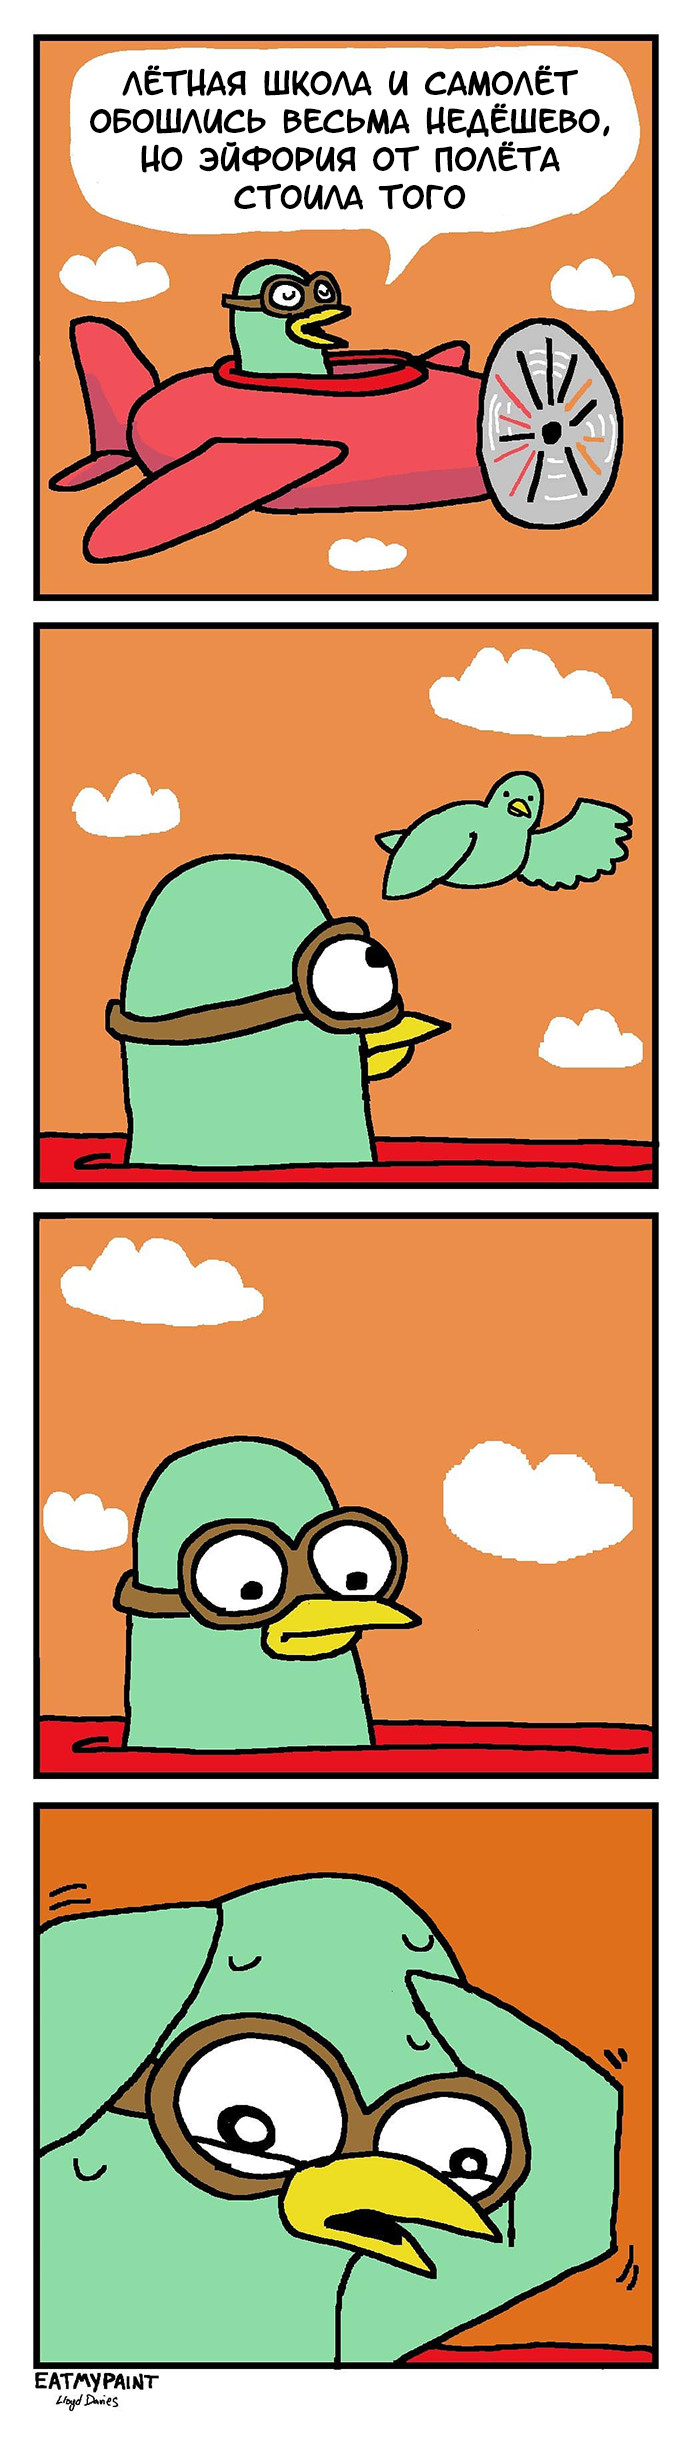 Птица высокого полёта Комиксы, Перевод, Eatmypaint, Длиннопост